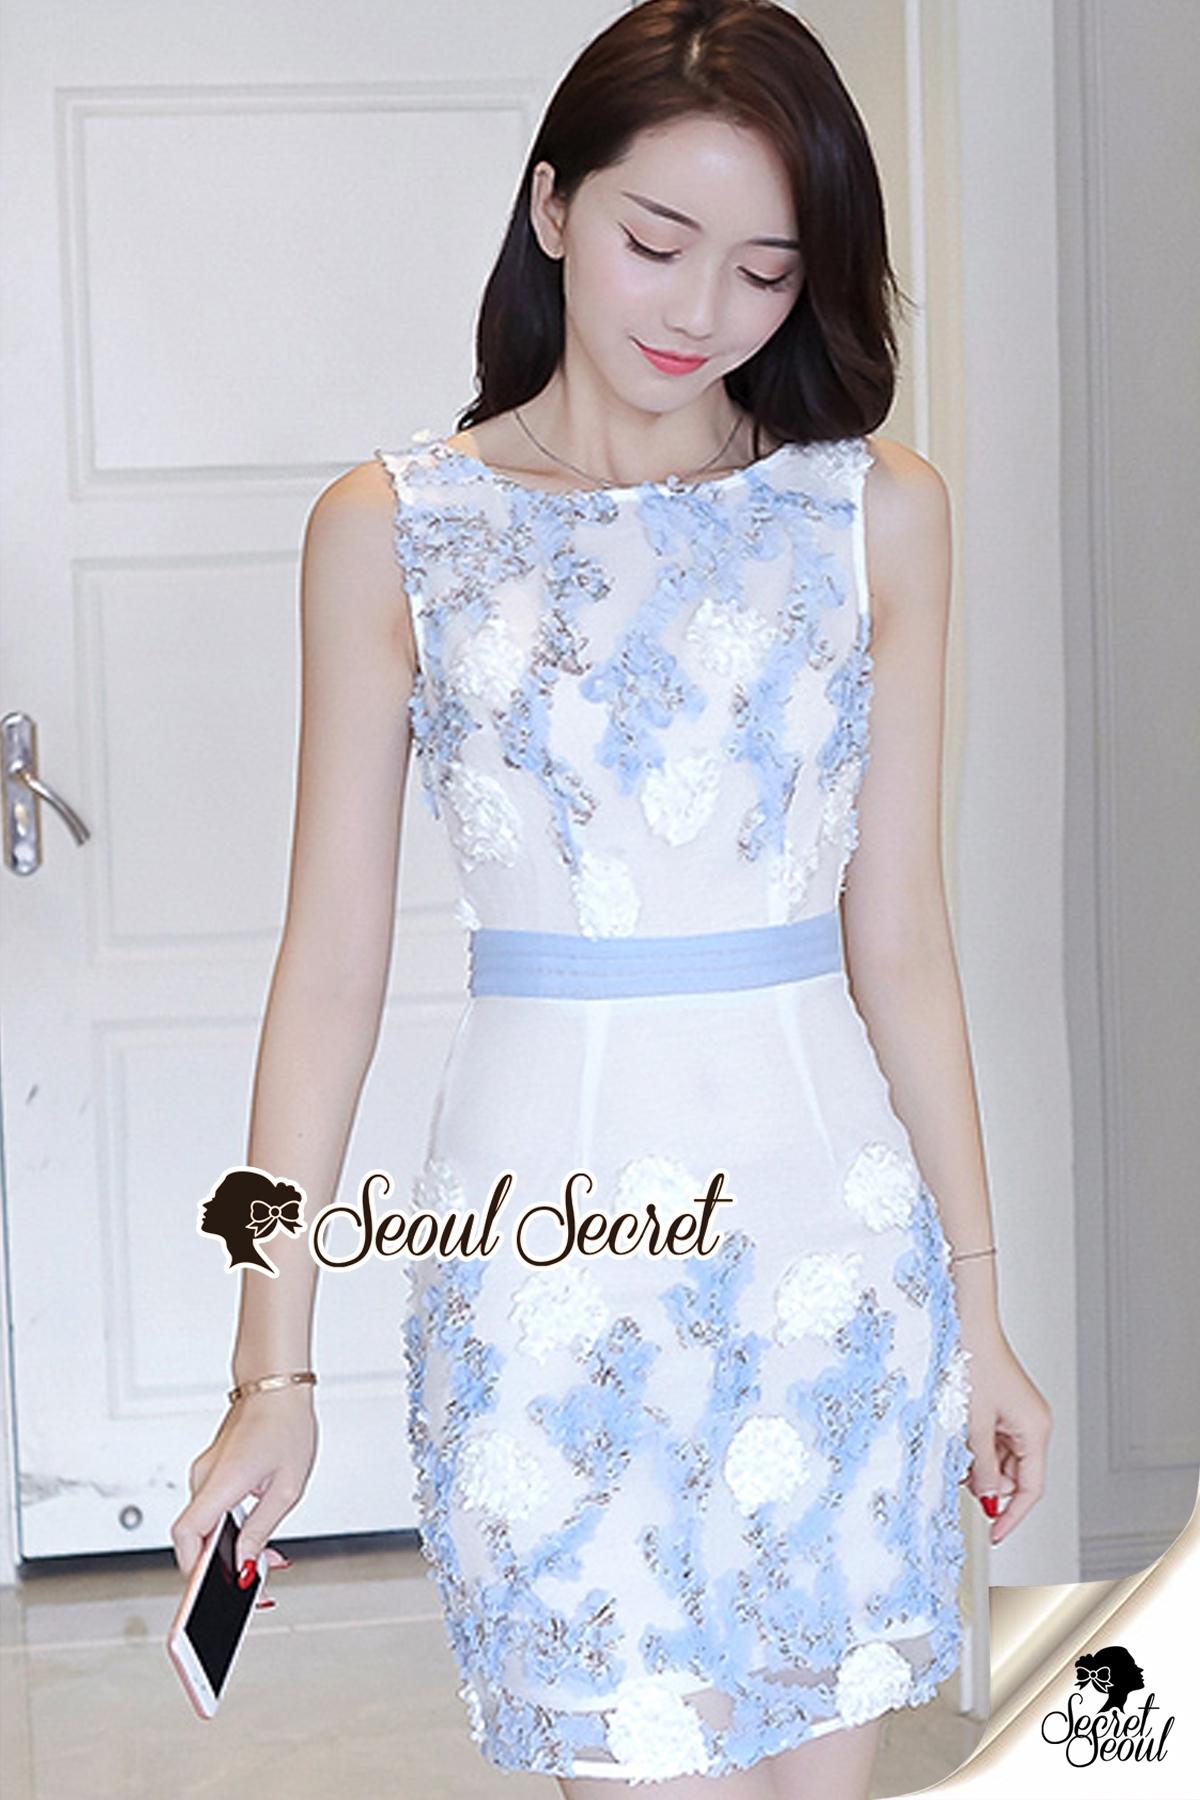 Seoul Secret Say's...Sweet Lace Bule Suquin Dress